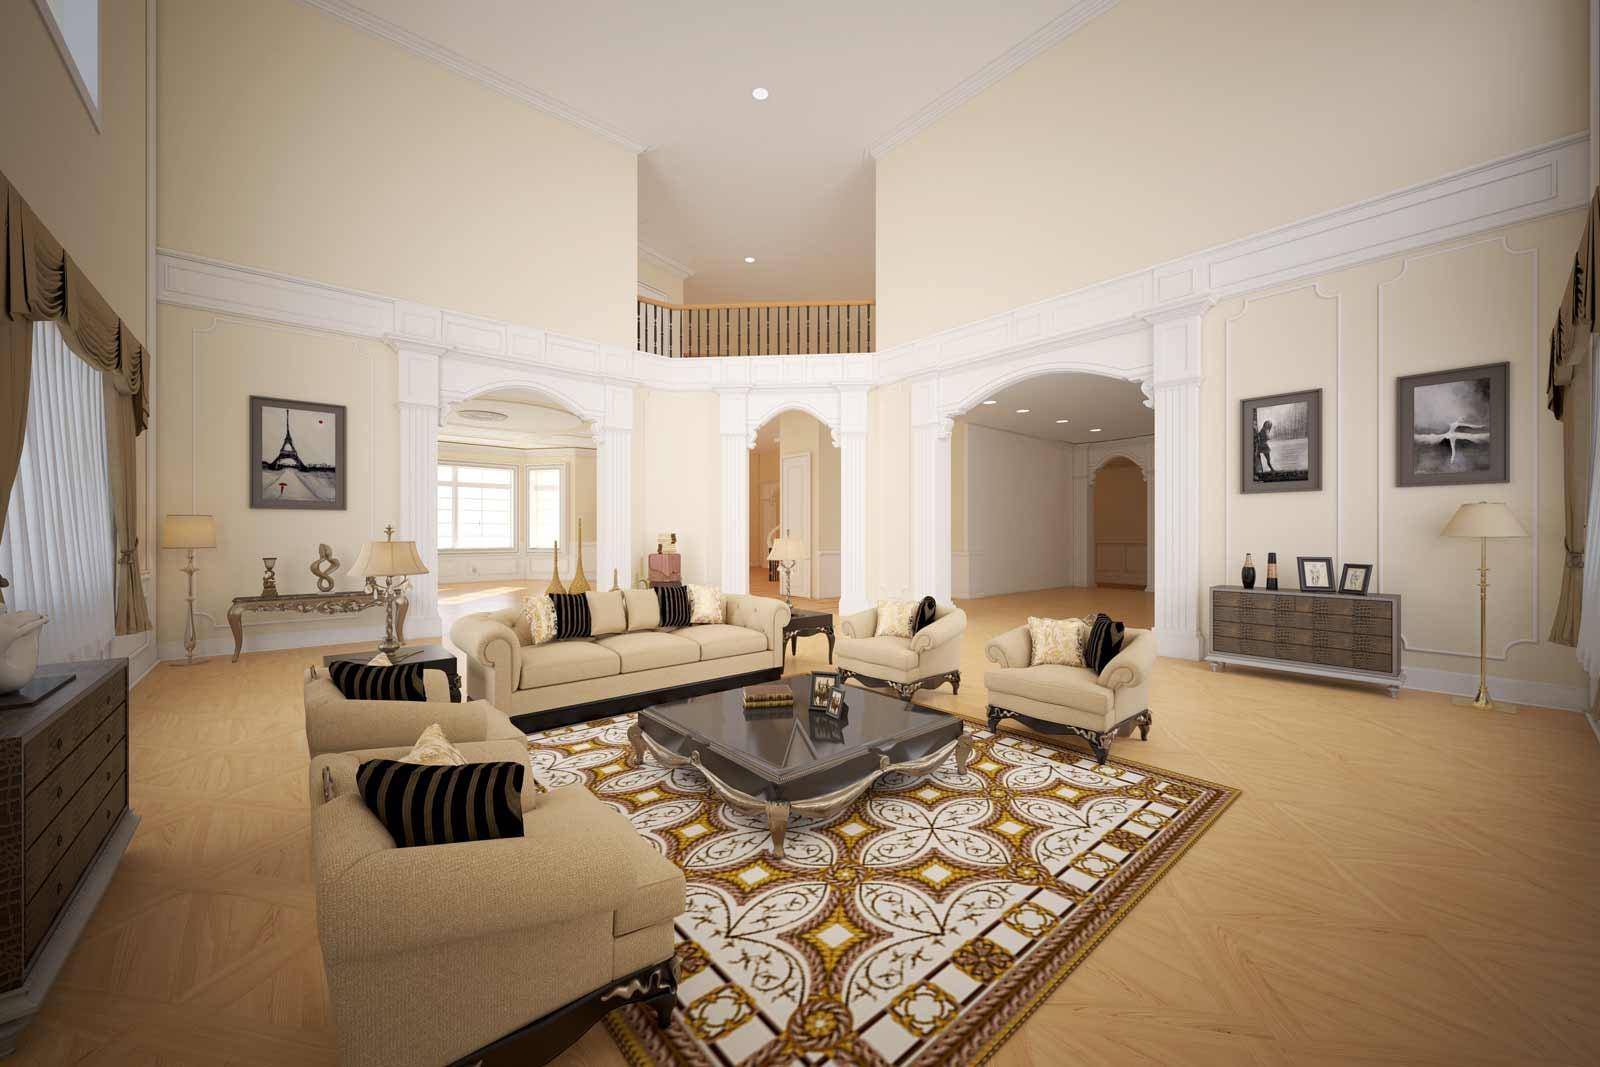 Great_interior_Interior.jpg